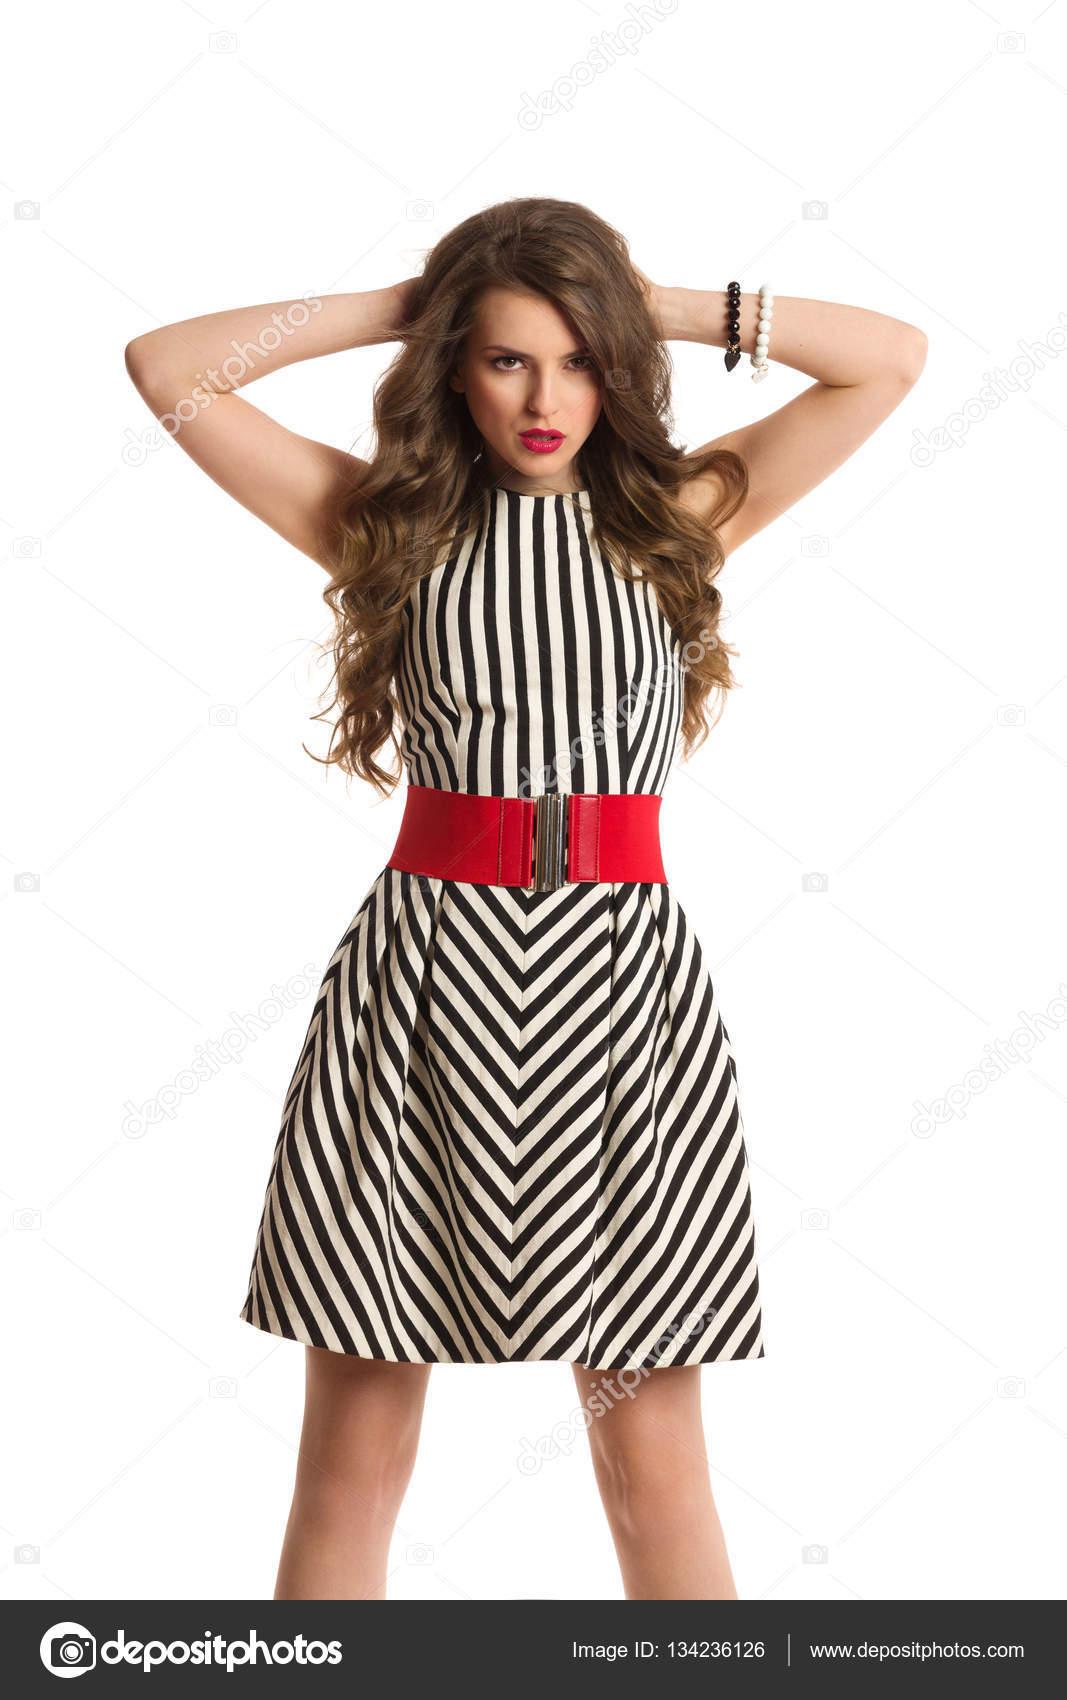 53870e9902fa9d Елегантний молода жінка з довге каштанове волосся, носять чорно-білий смугастий  плаття і Холдинг руки за голову. Три чверті довжина студії вистрілив ...